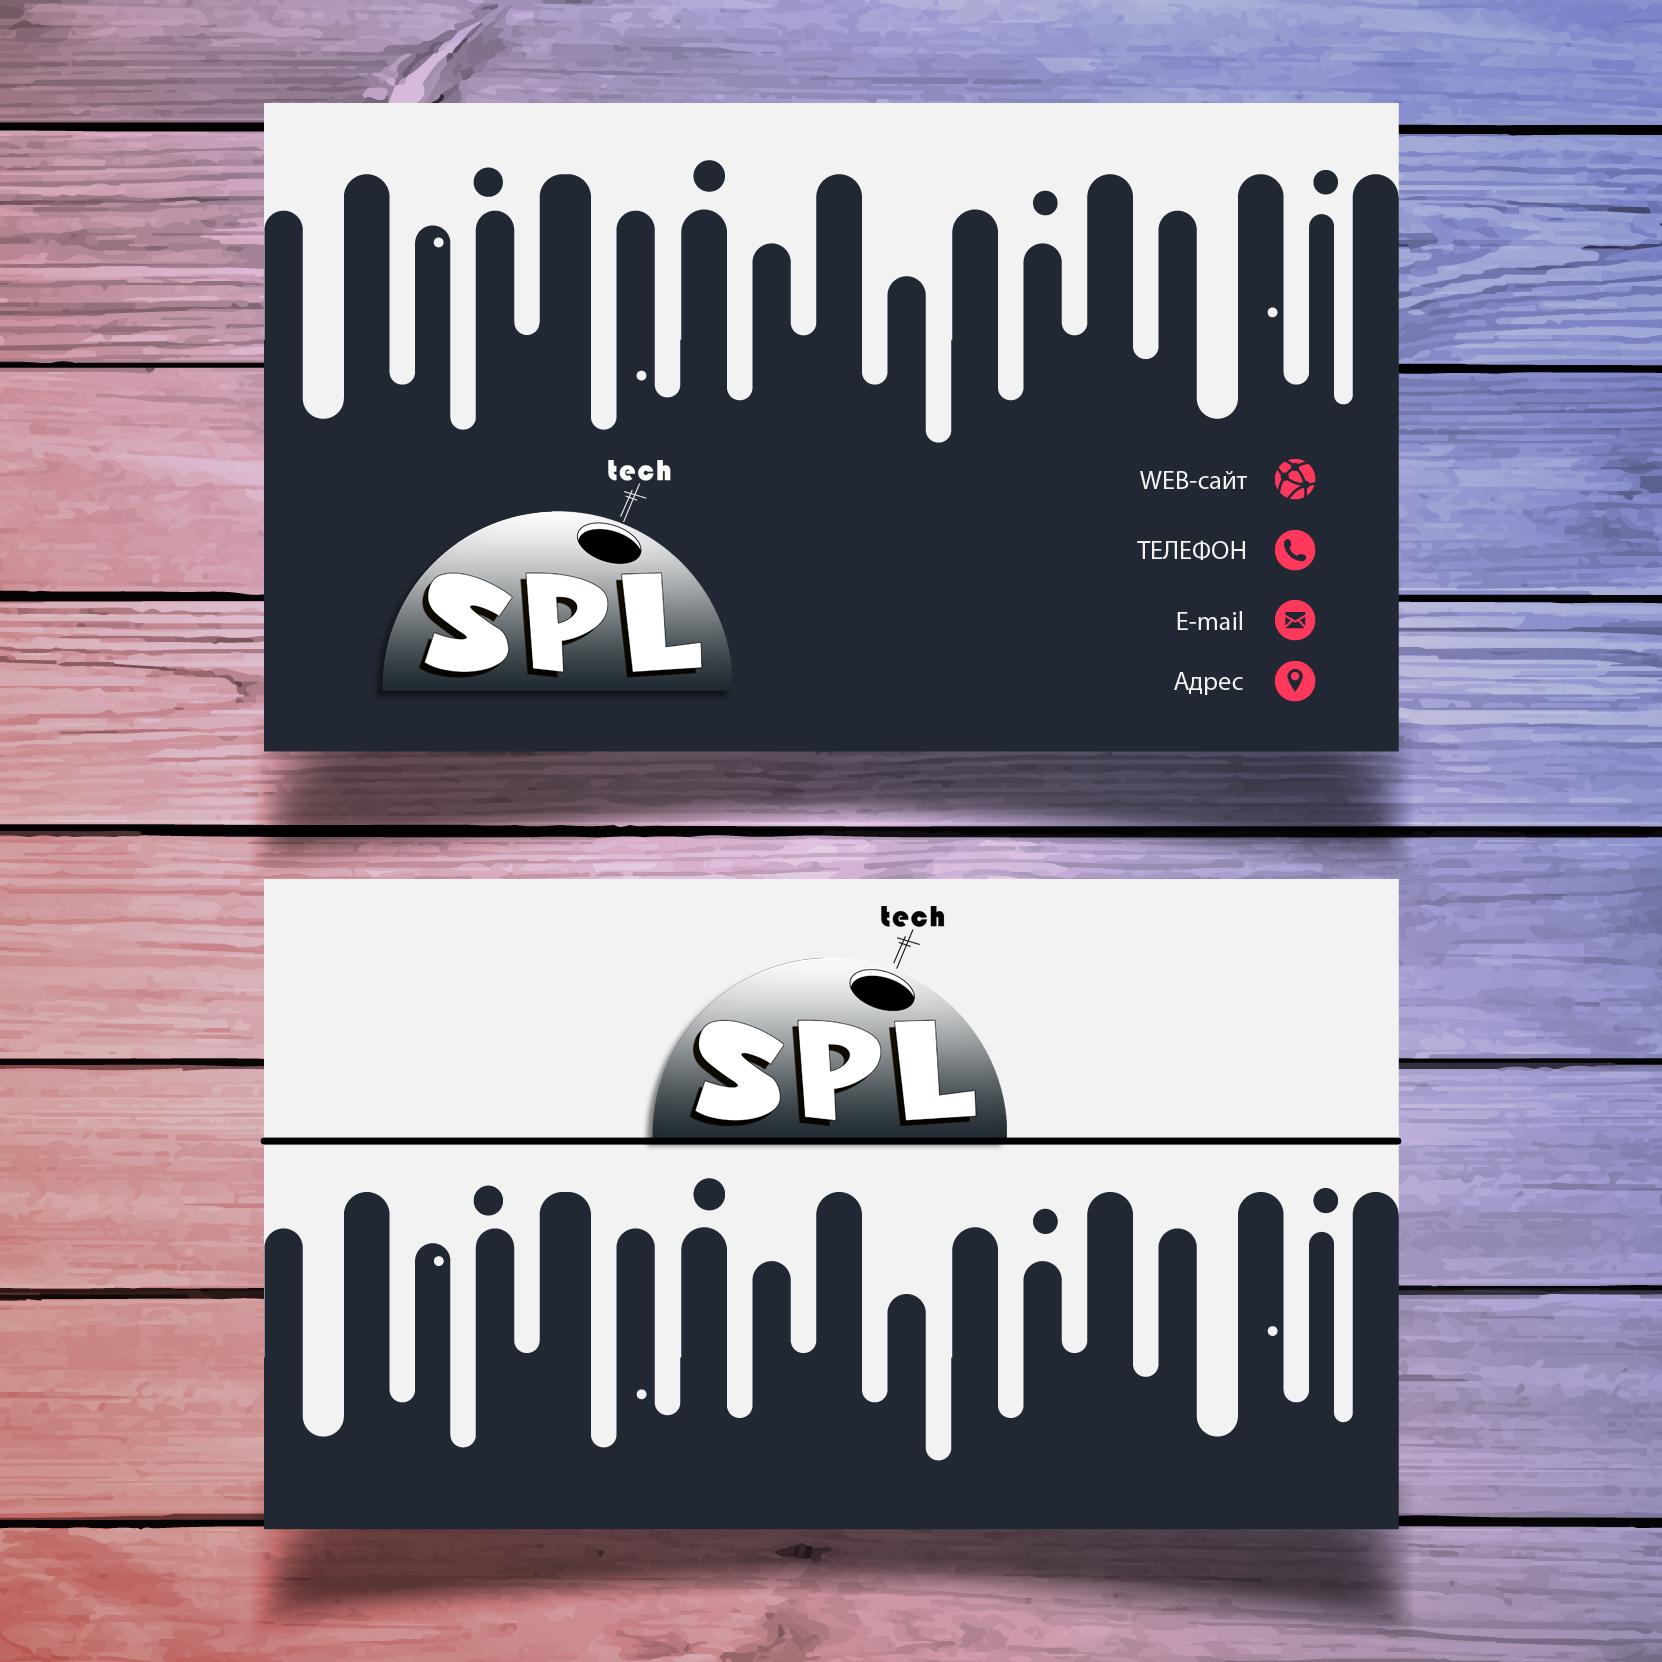 Разработка логотипа и фирменного стиля фото f_35459b0efc140c50.jpg